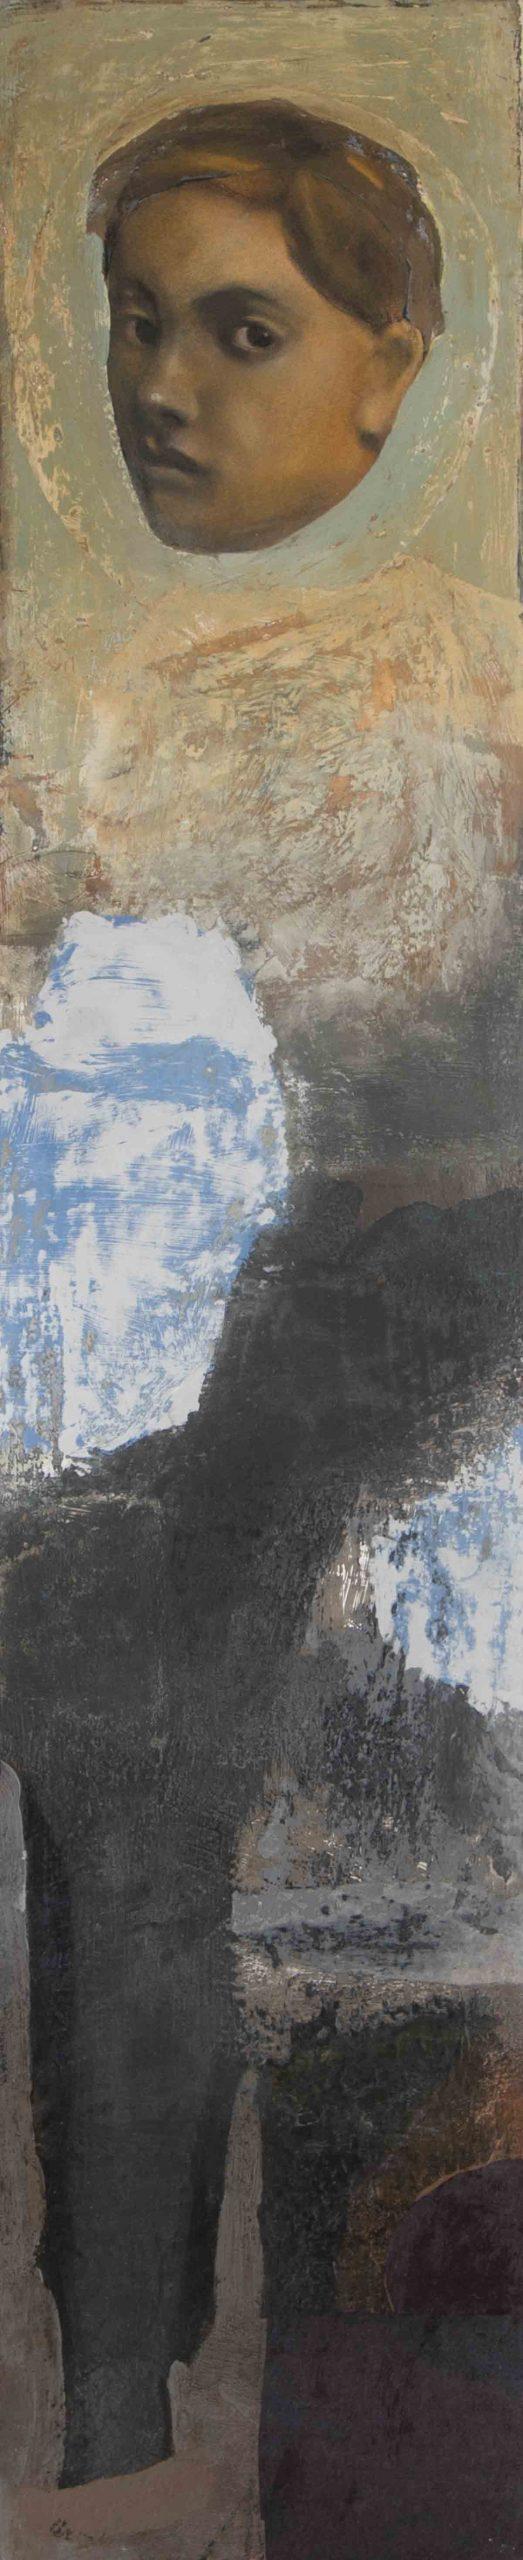 PÑ013Icono II Técnica mixta sobre tabla 100 x 21 cm 2020